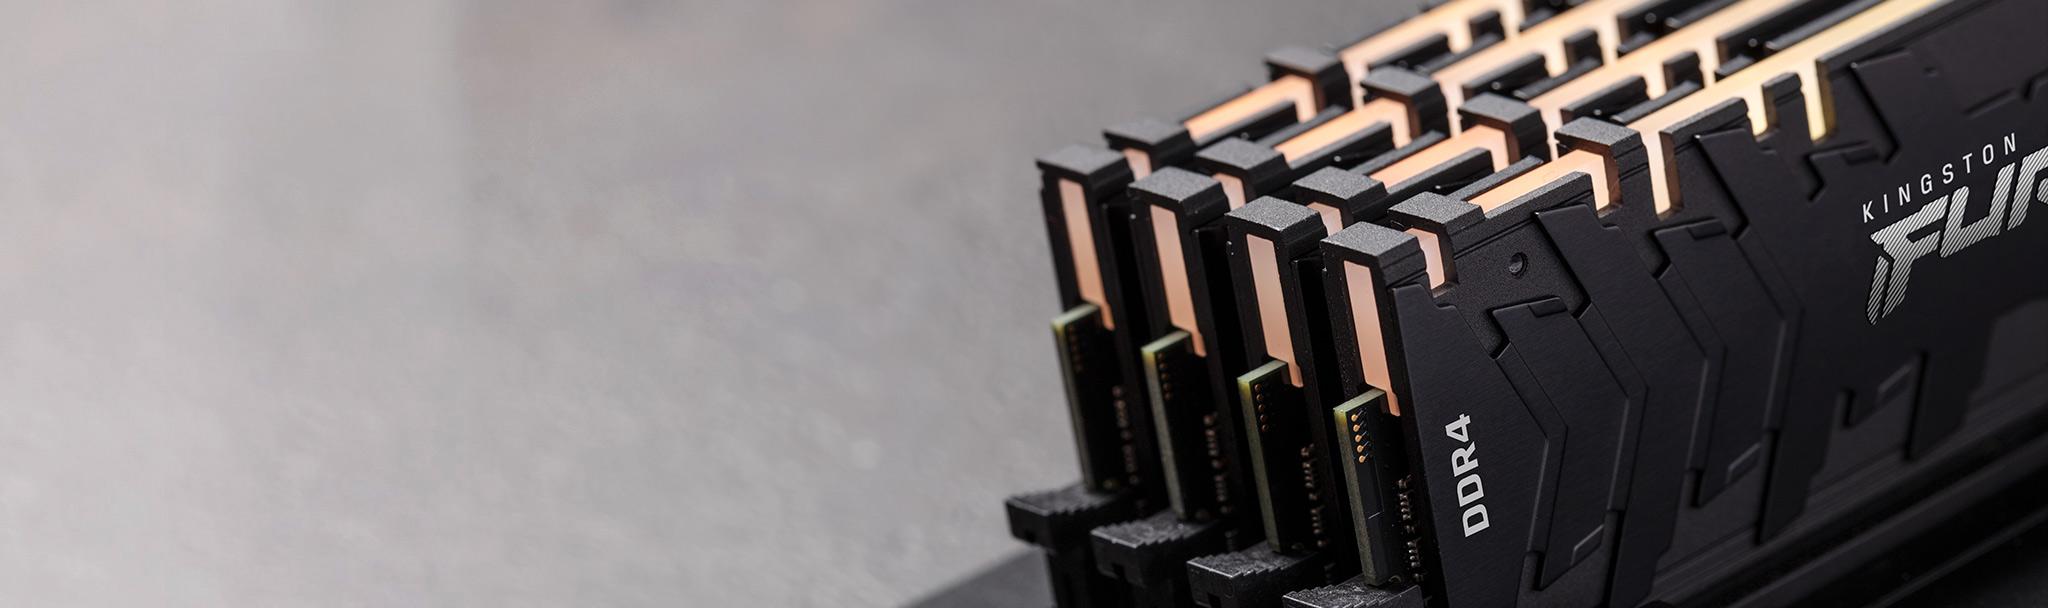 Оперативная память Kingston Renegade RGB DDR4-3600